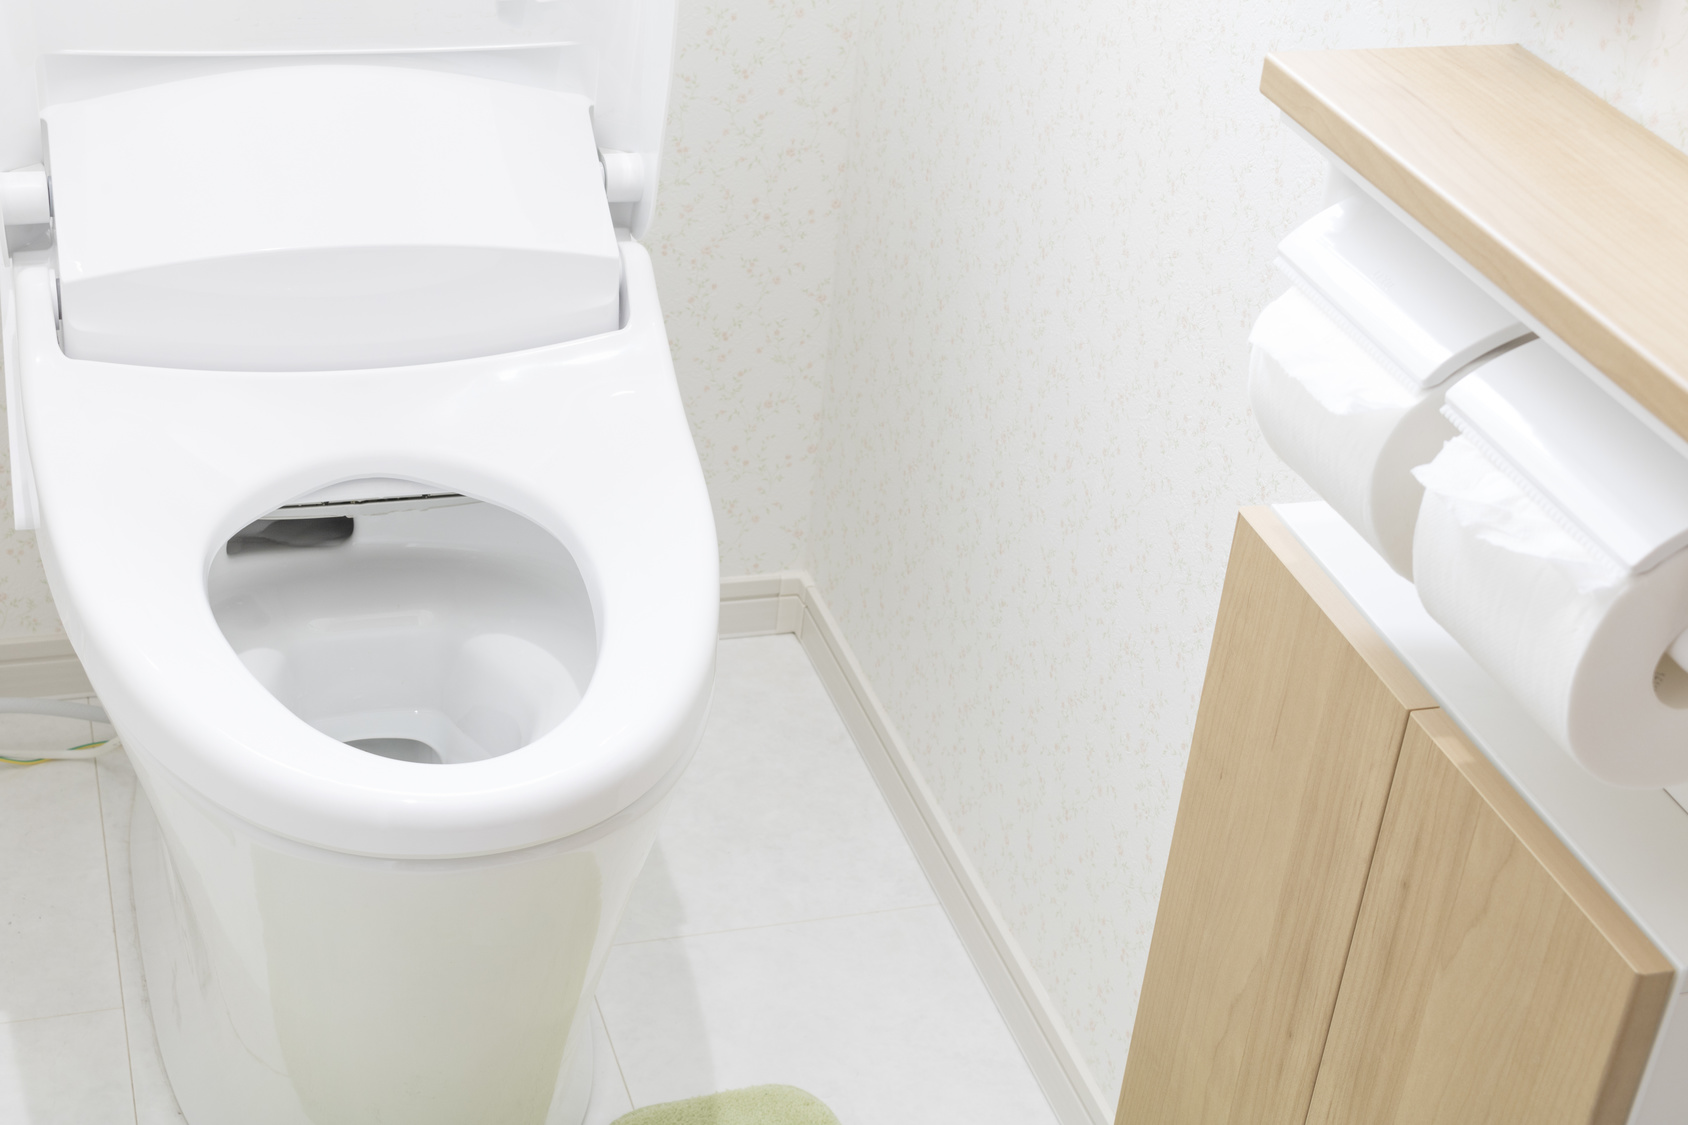 洗手间的清洁/お手洗いの掃除